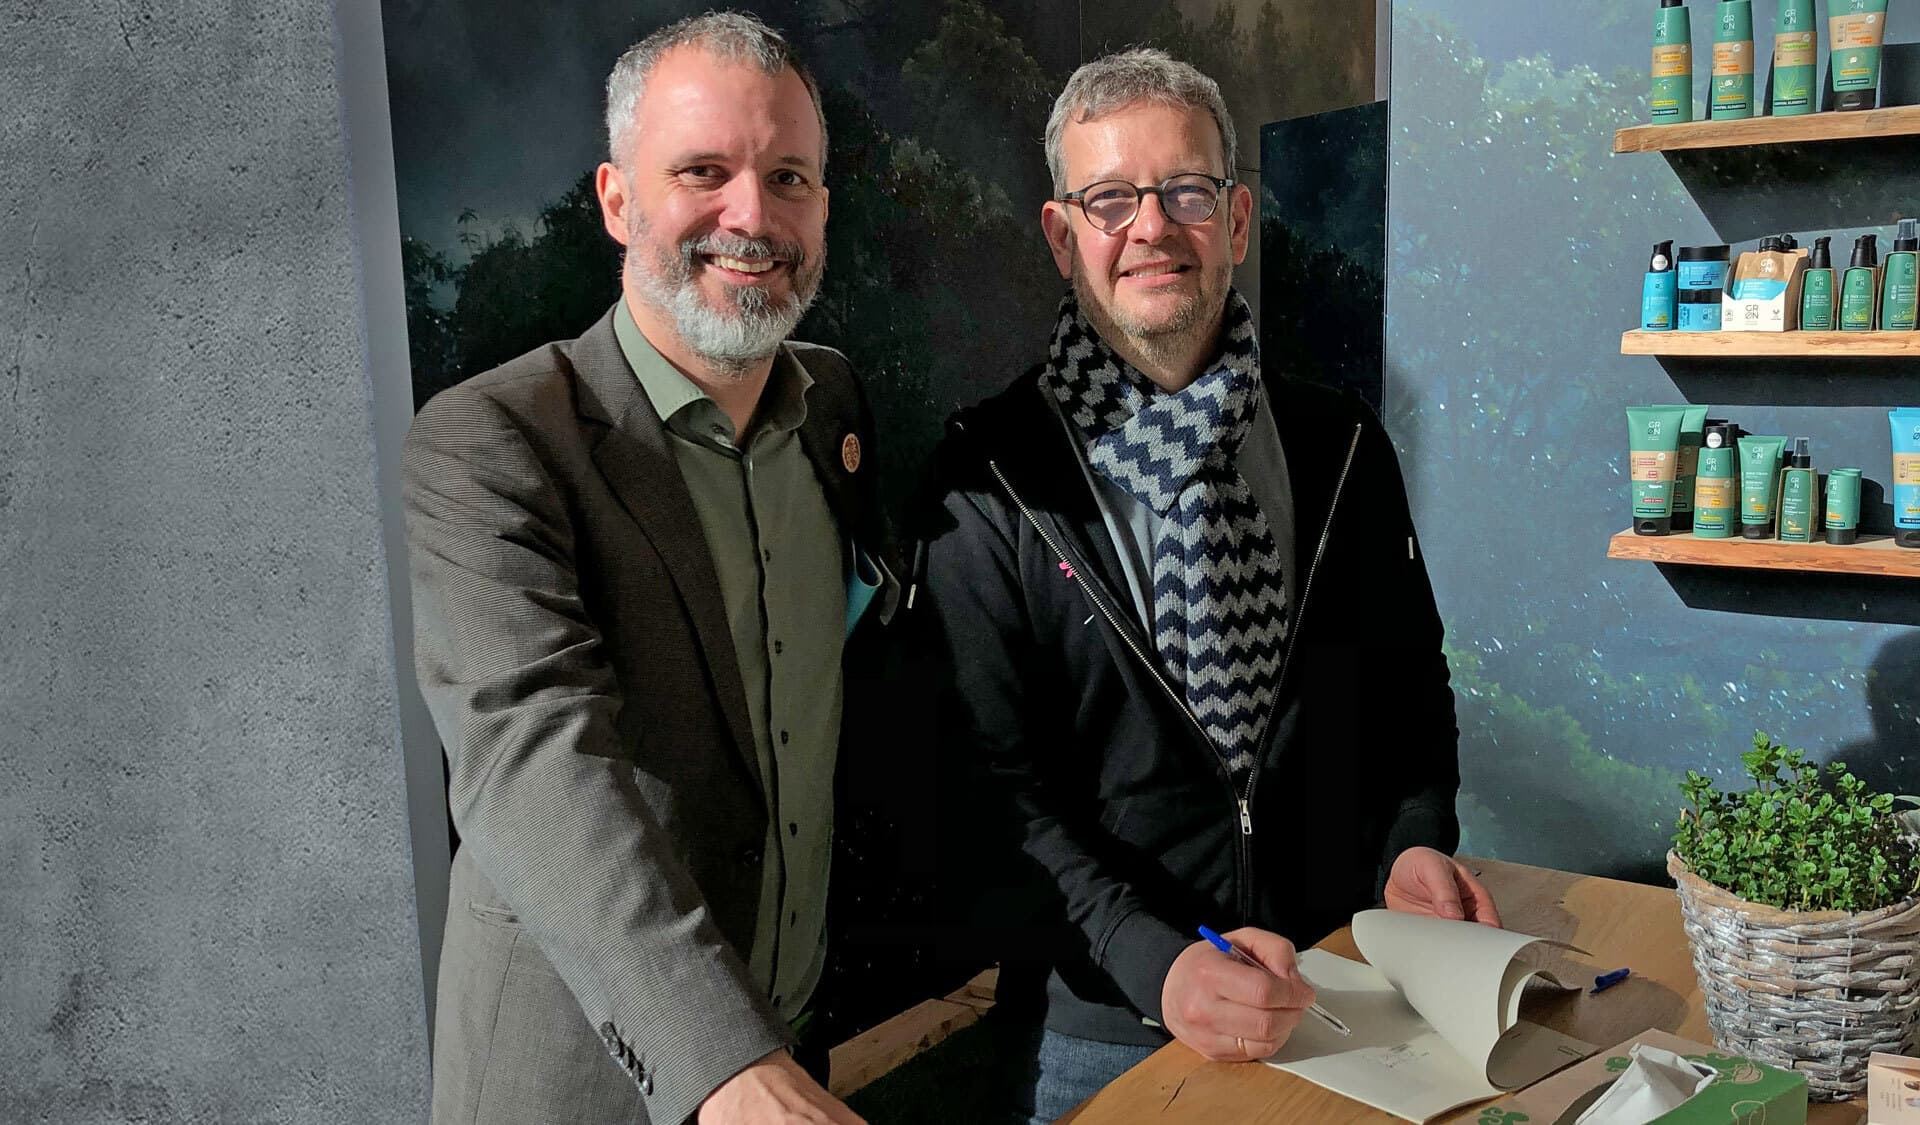 Timo Tottmann, Geschäftsführer Die Regionalen, und cosmondial-Geschäftsführer Stephan Becker (v.l.) bei der Vertragsunterzeichnung.